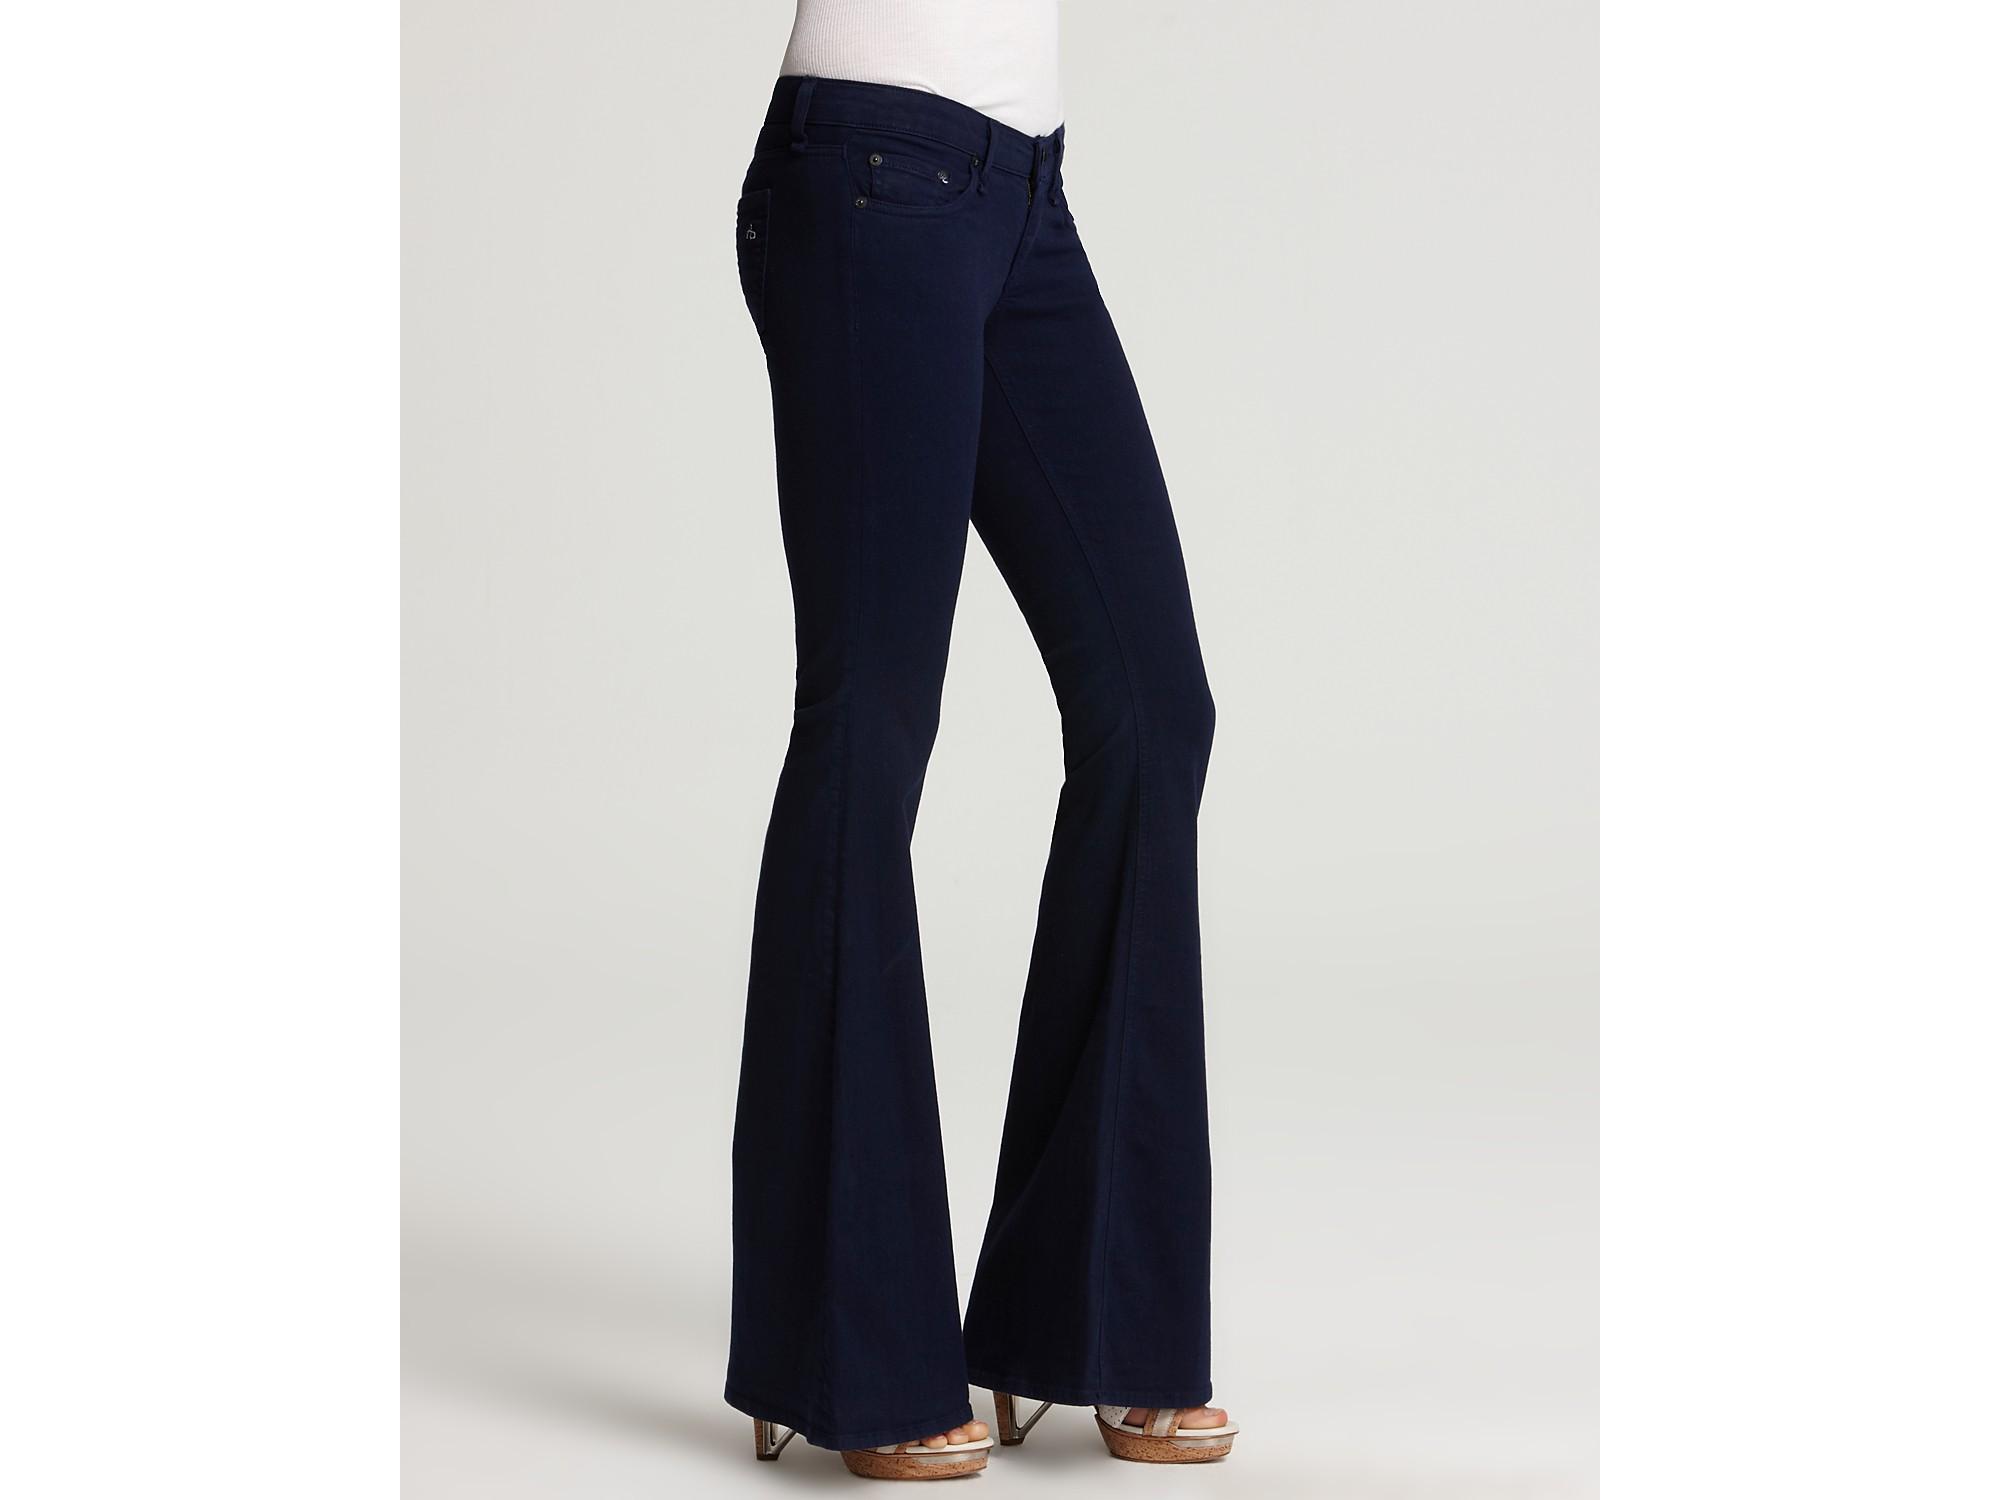 Rag & bone Flare Jeans Low Rise in Iris in Blue | Lyst